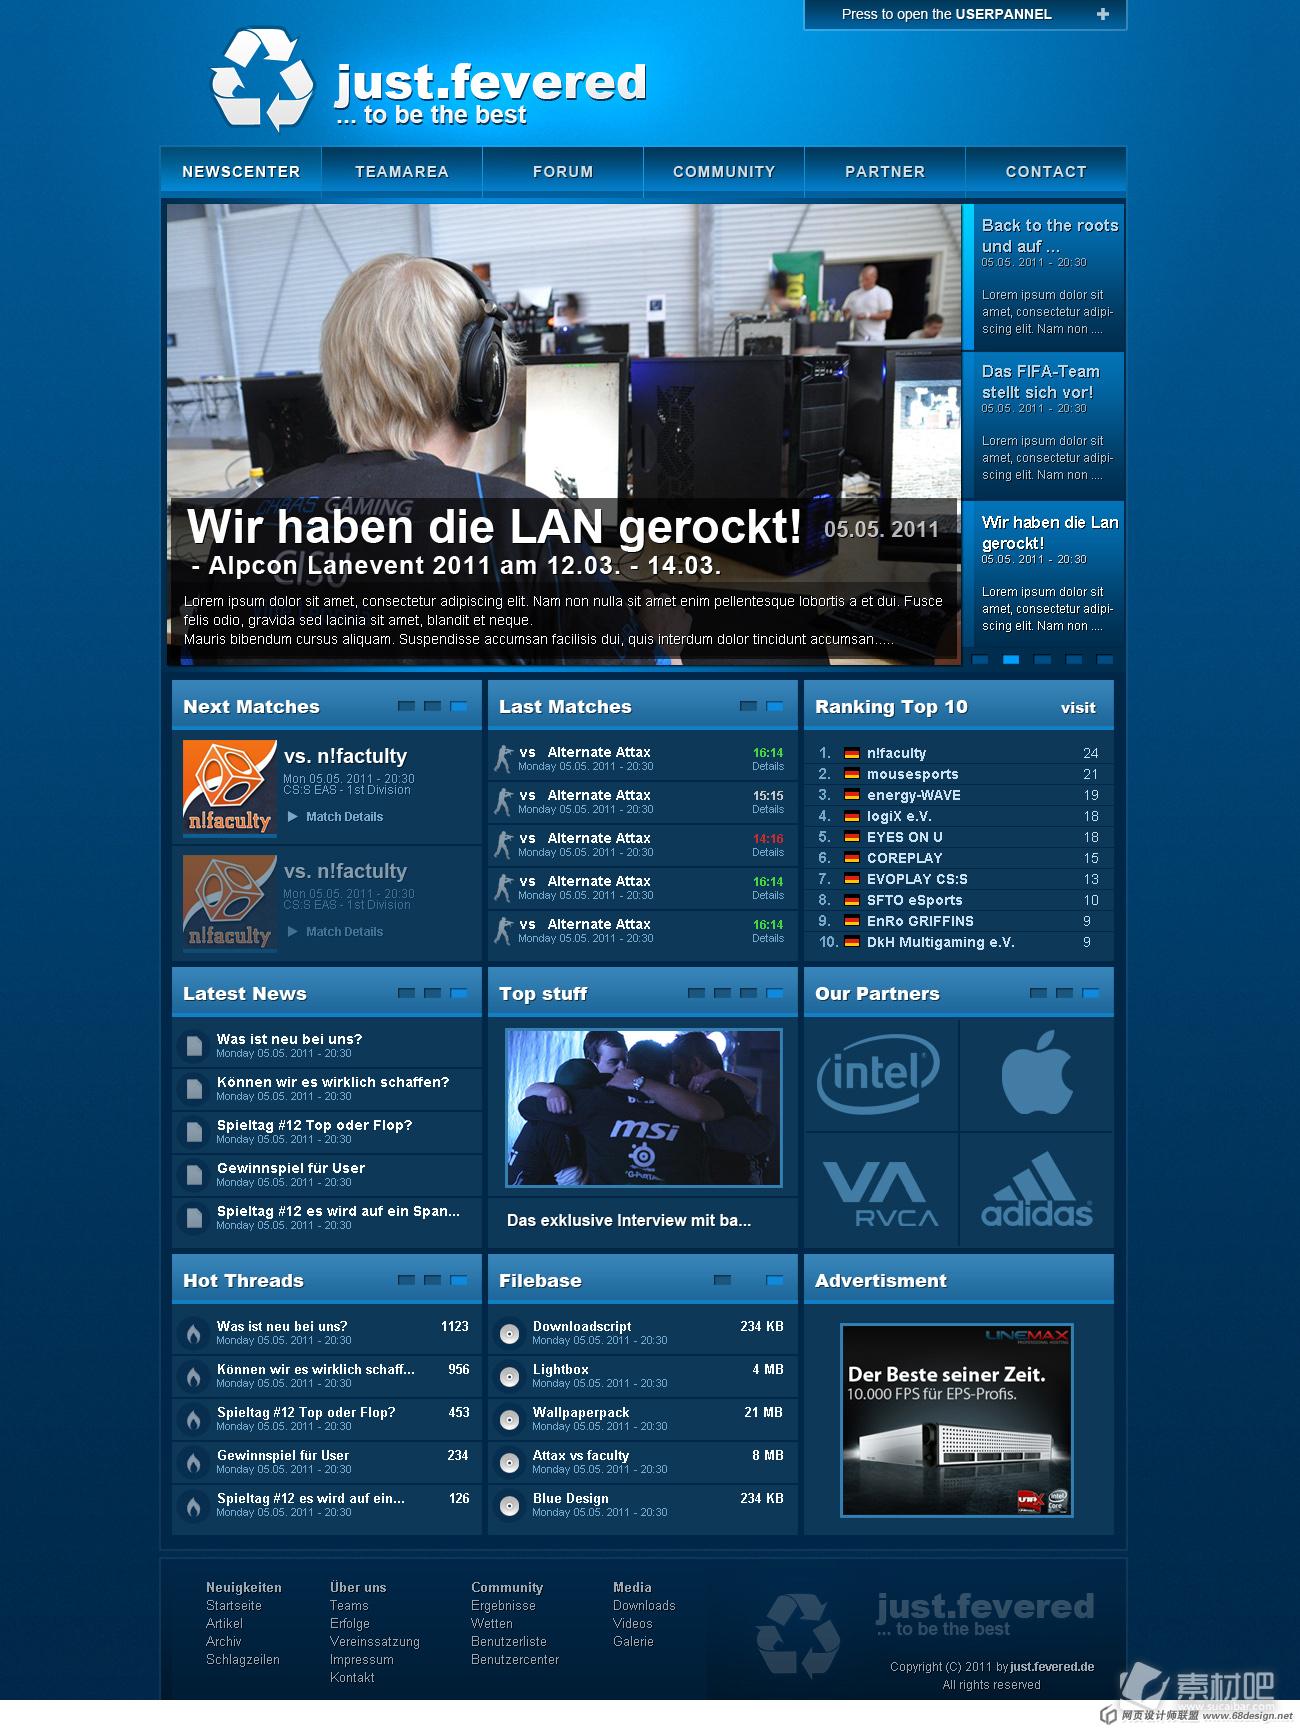 蓝色背景音乐网站首页设计